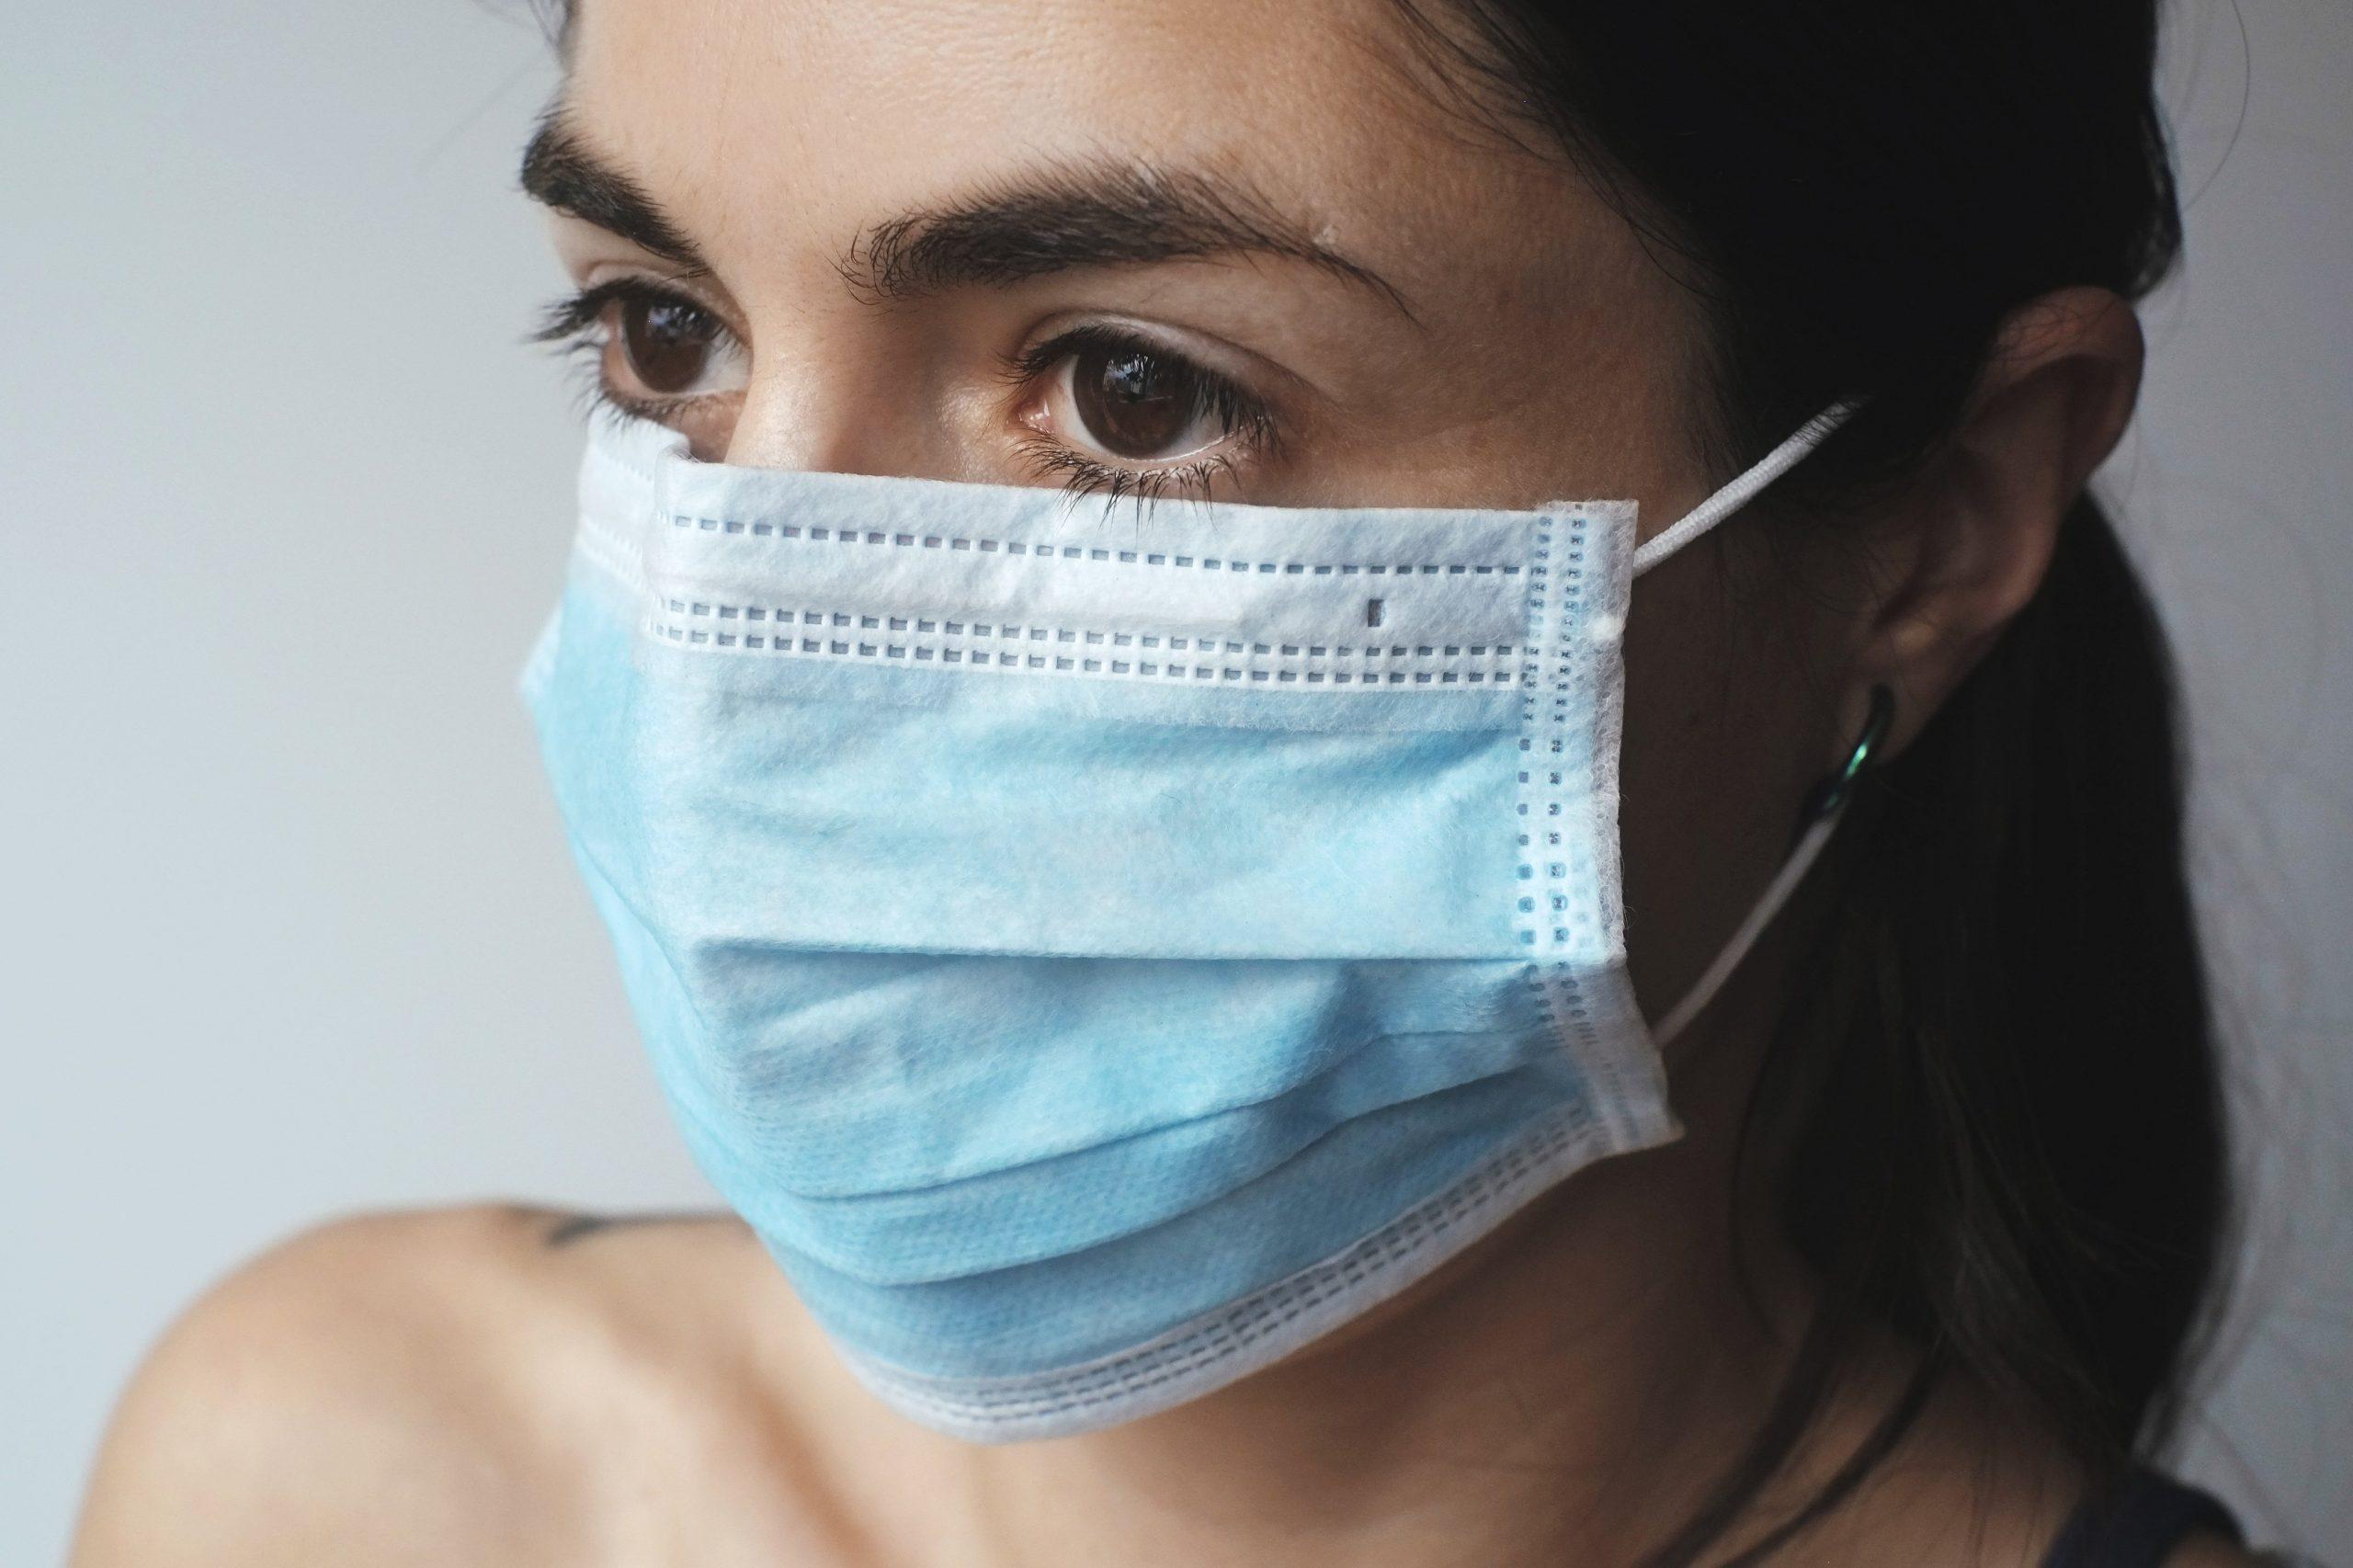 Coronavirus : stop aux fake news